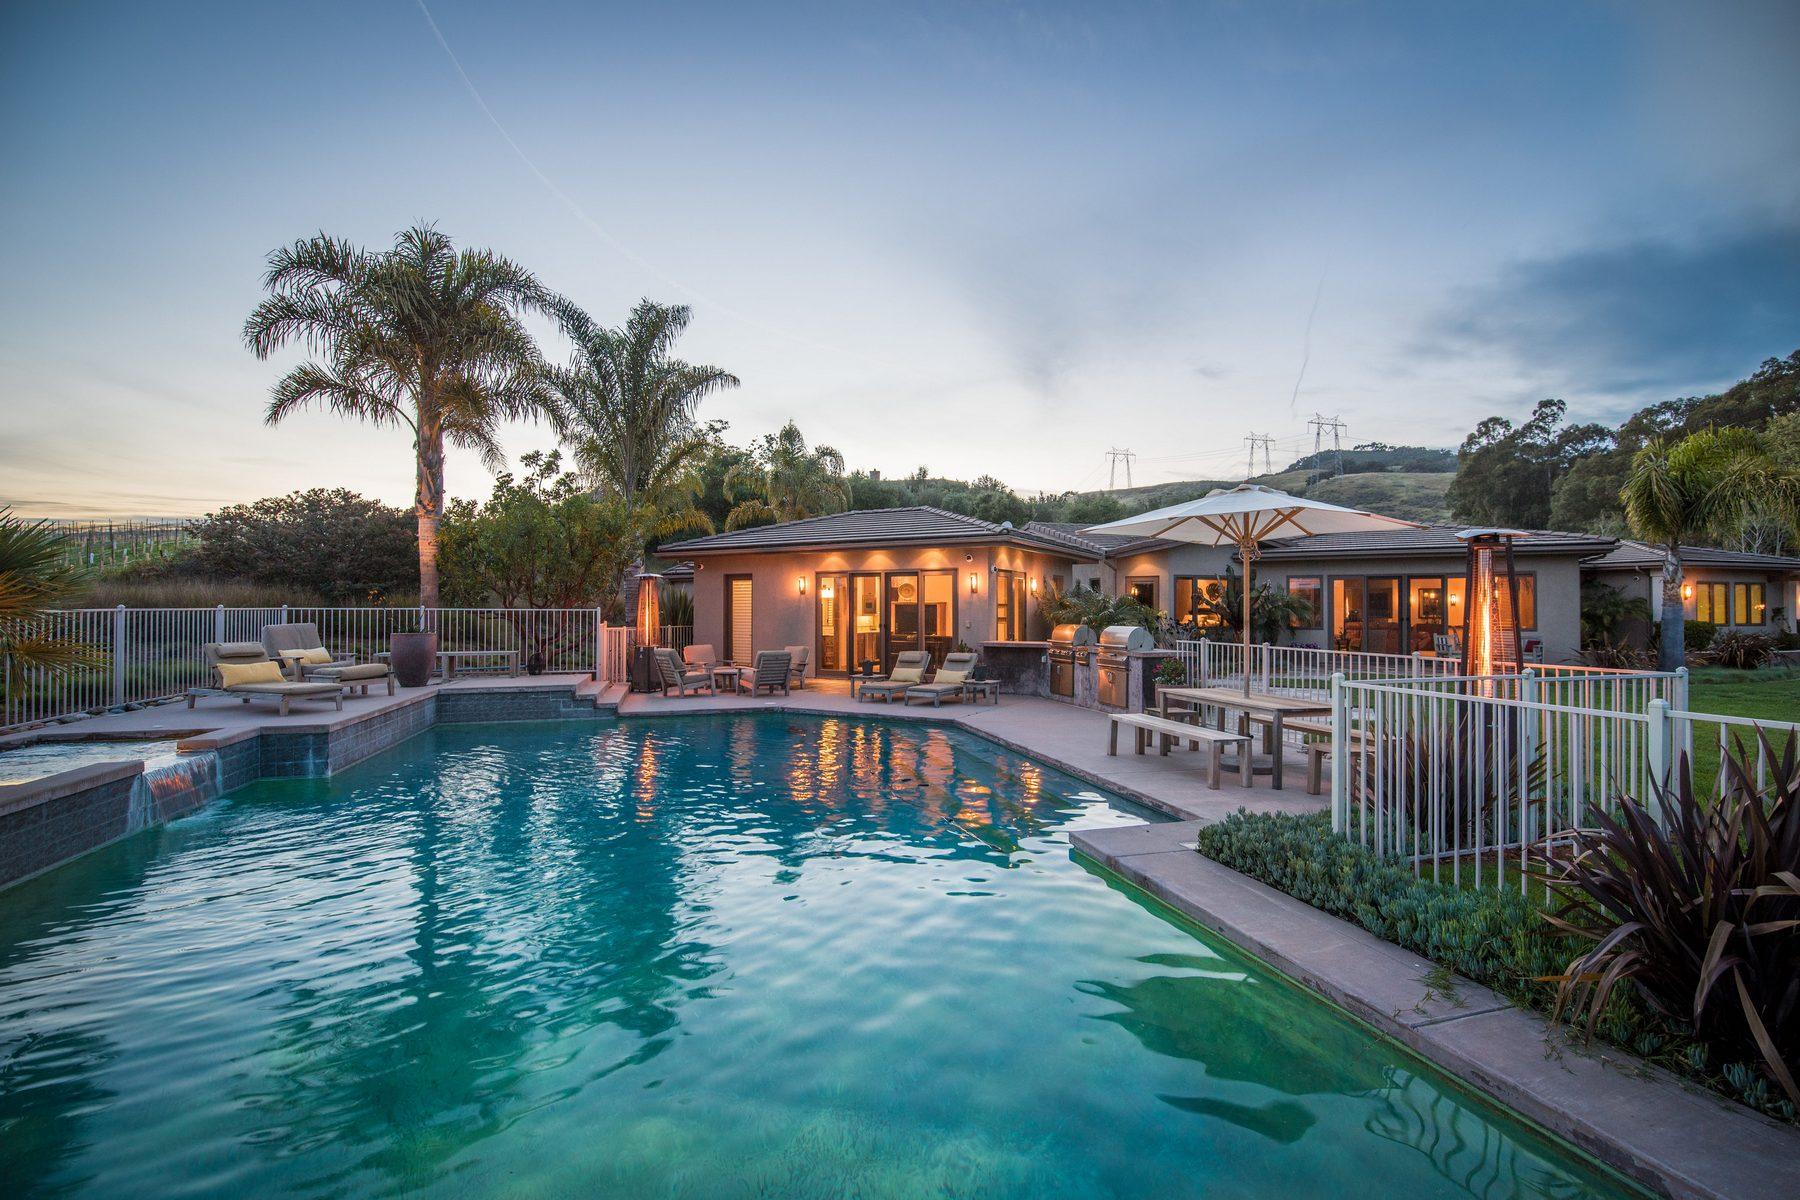 独户住宅 为 销售 在 Bassi Ranch Estate 425 Bassi Drive 圣露易斯奥比斯波, 加利福尼亚州, 93405 美国